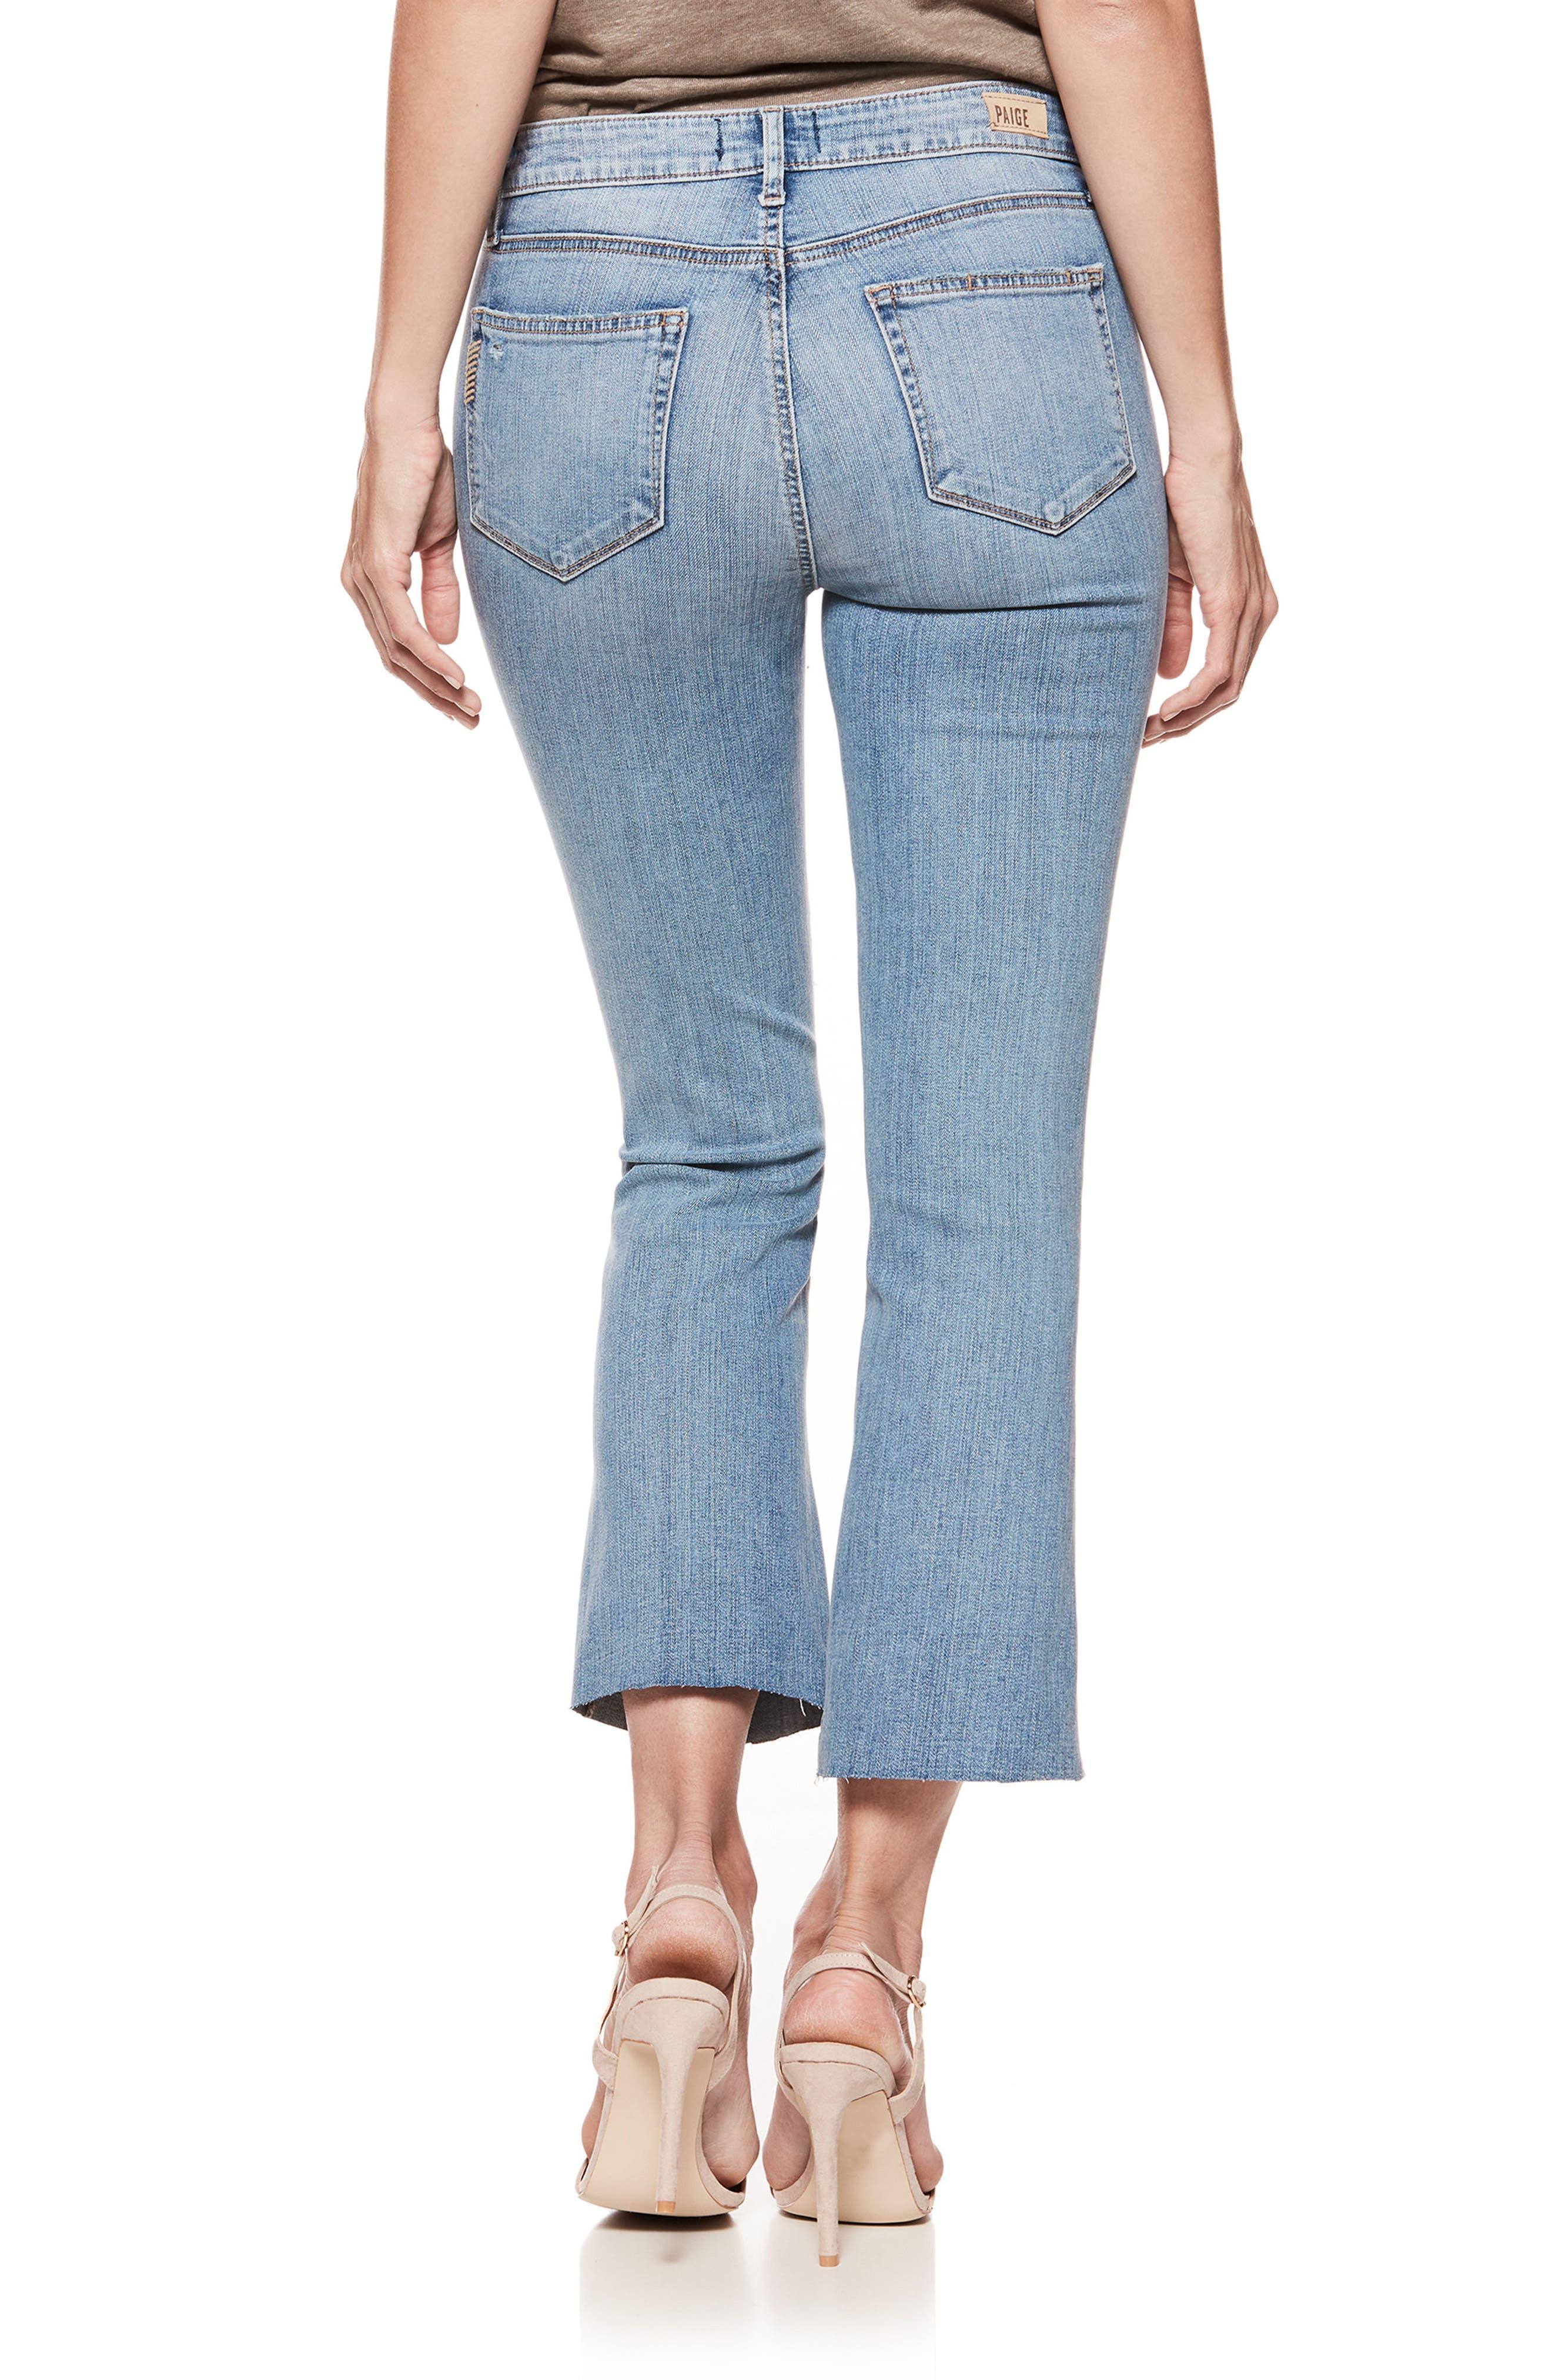 PAIGE, Colette High Waist Crop Flare Jeans, Alternate thumbnail 2, color, 400